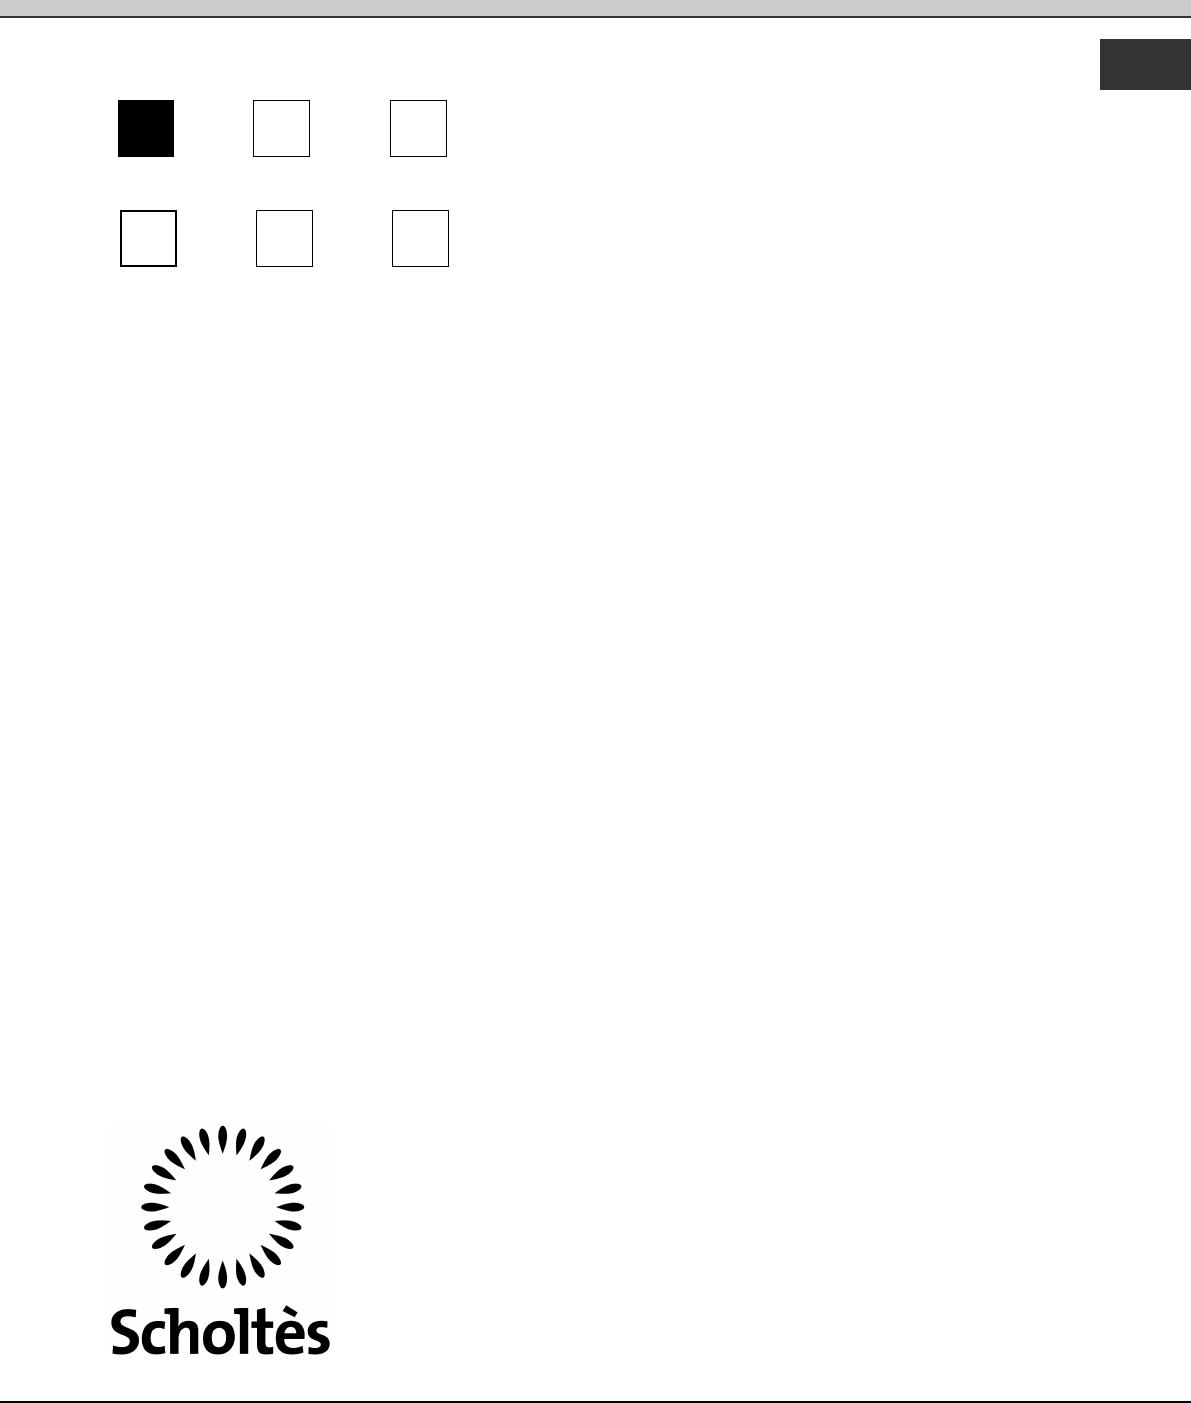 Dcdr Home: Handleiding Scholtes Pmg 41 Dcdr (pagina 1 Van 72